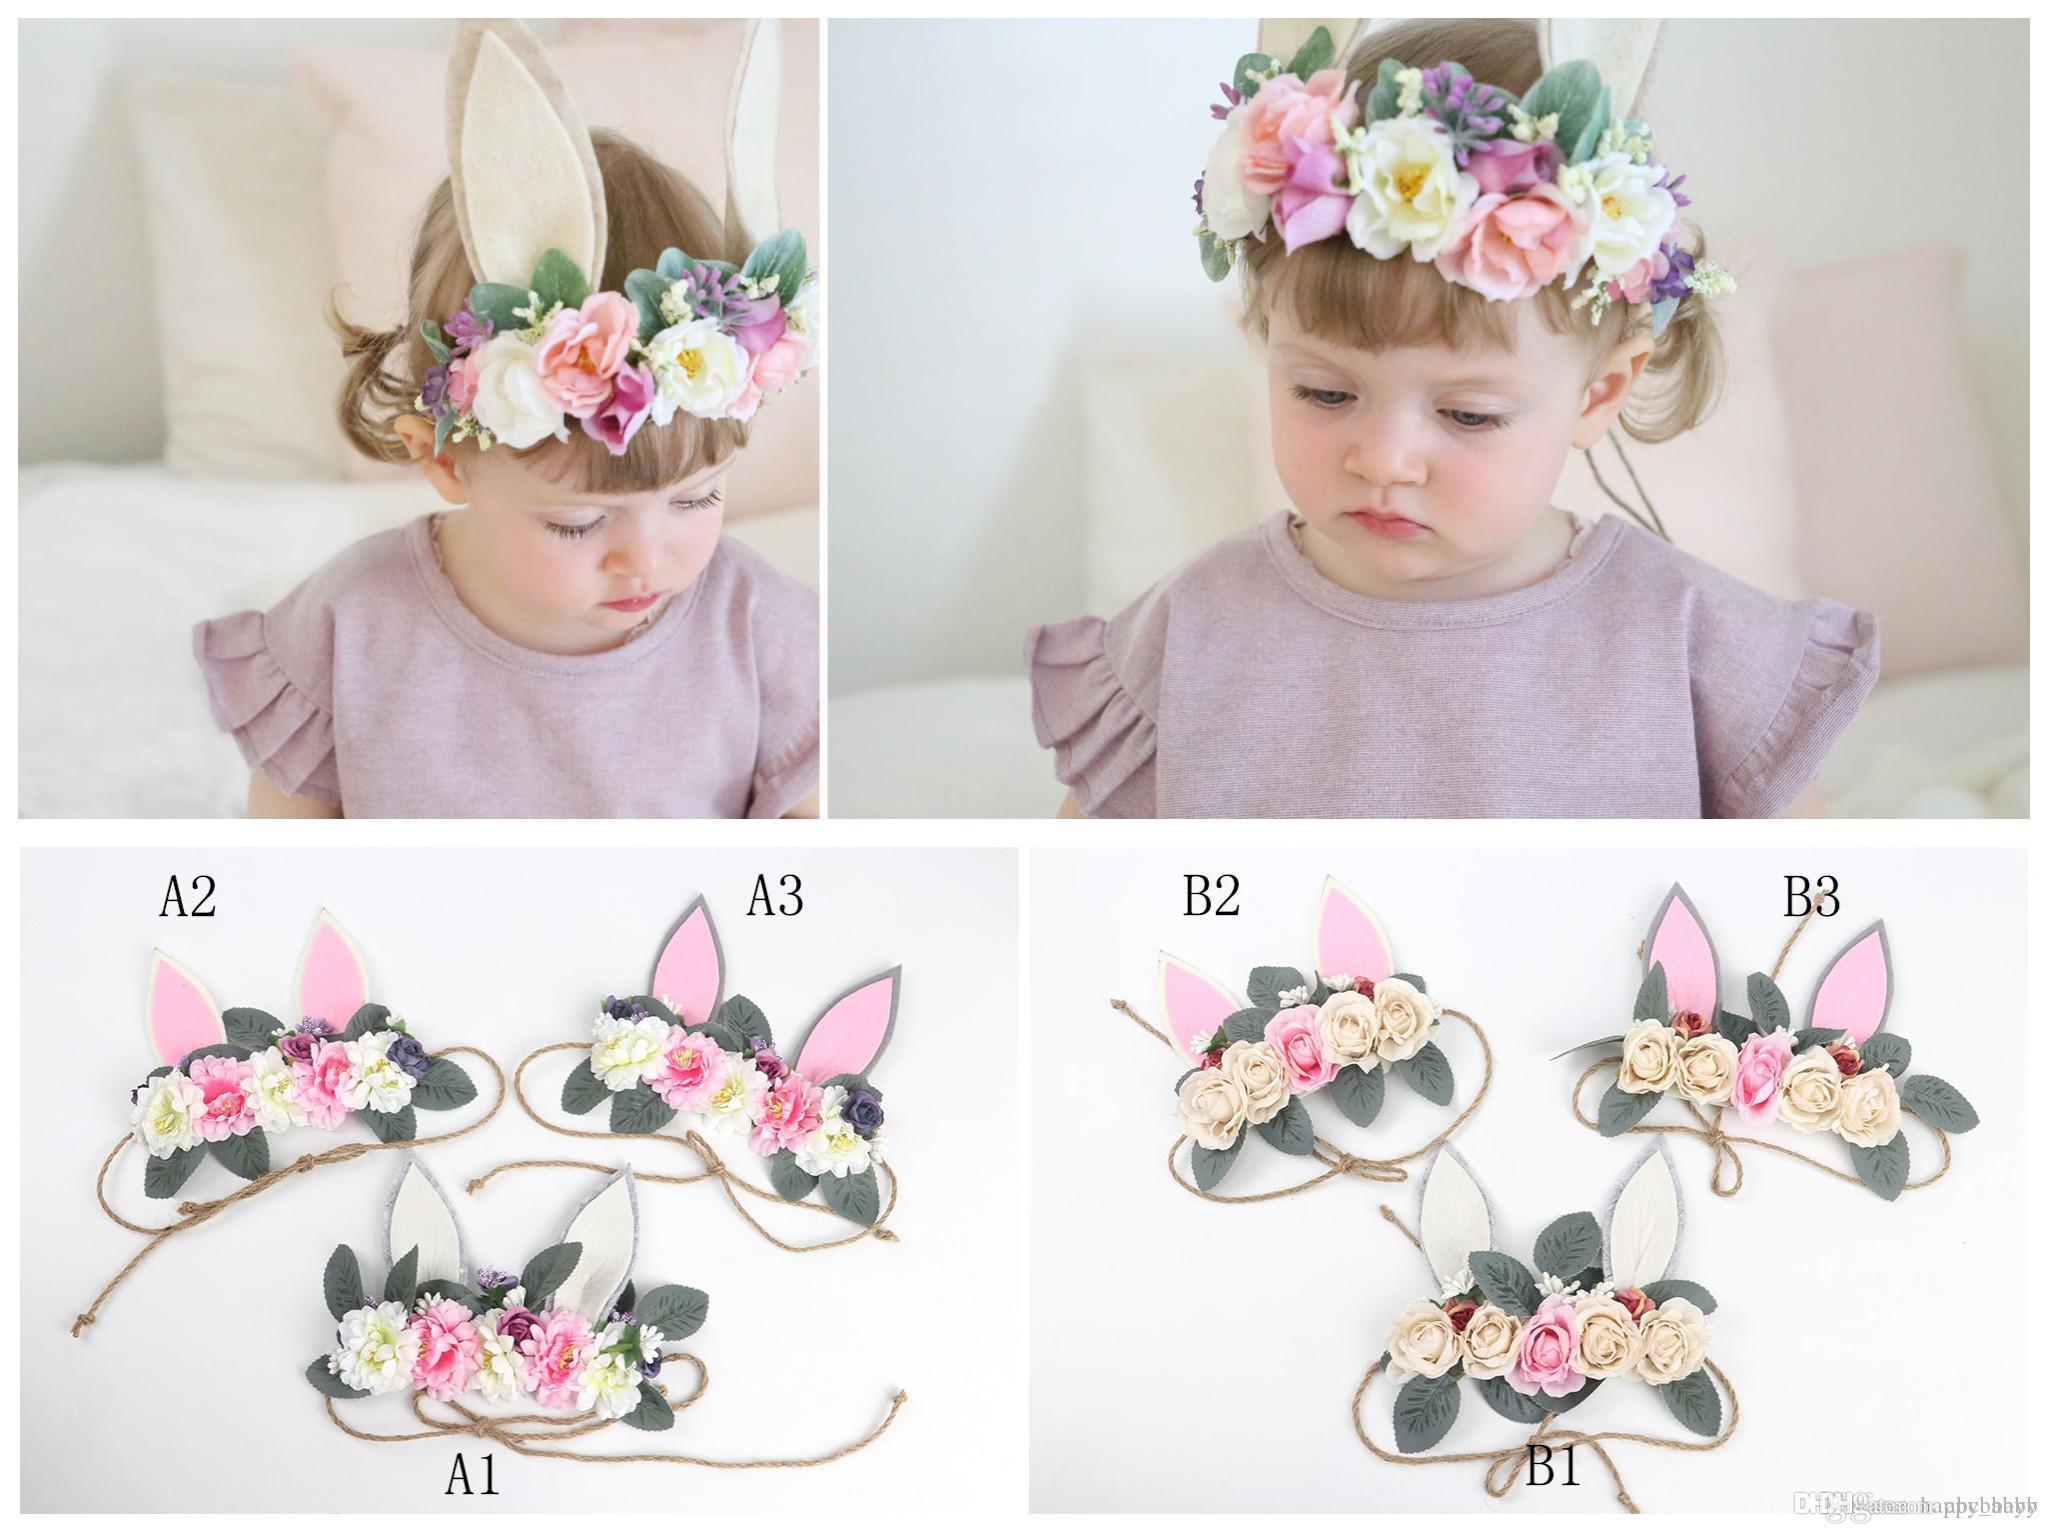 Bohemia del conejo del oído del estilo de Tieback de la venda principal de conejito de la flor de la corona venda del bebé Corona Eater conejito de la playa de vacaciones